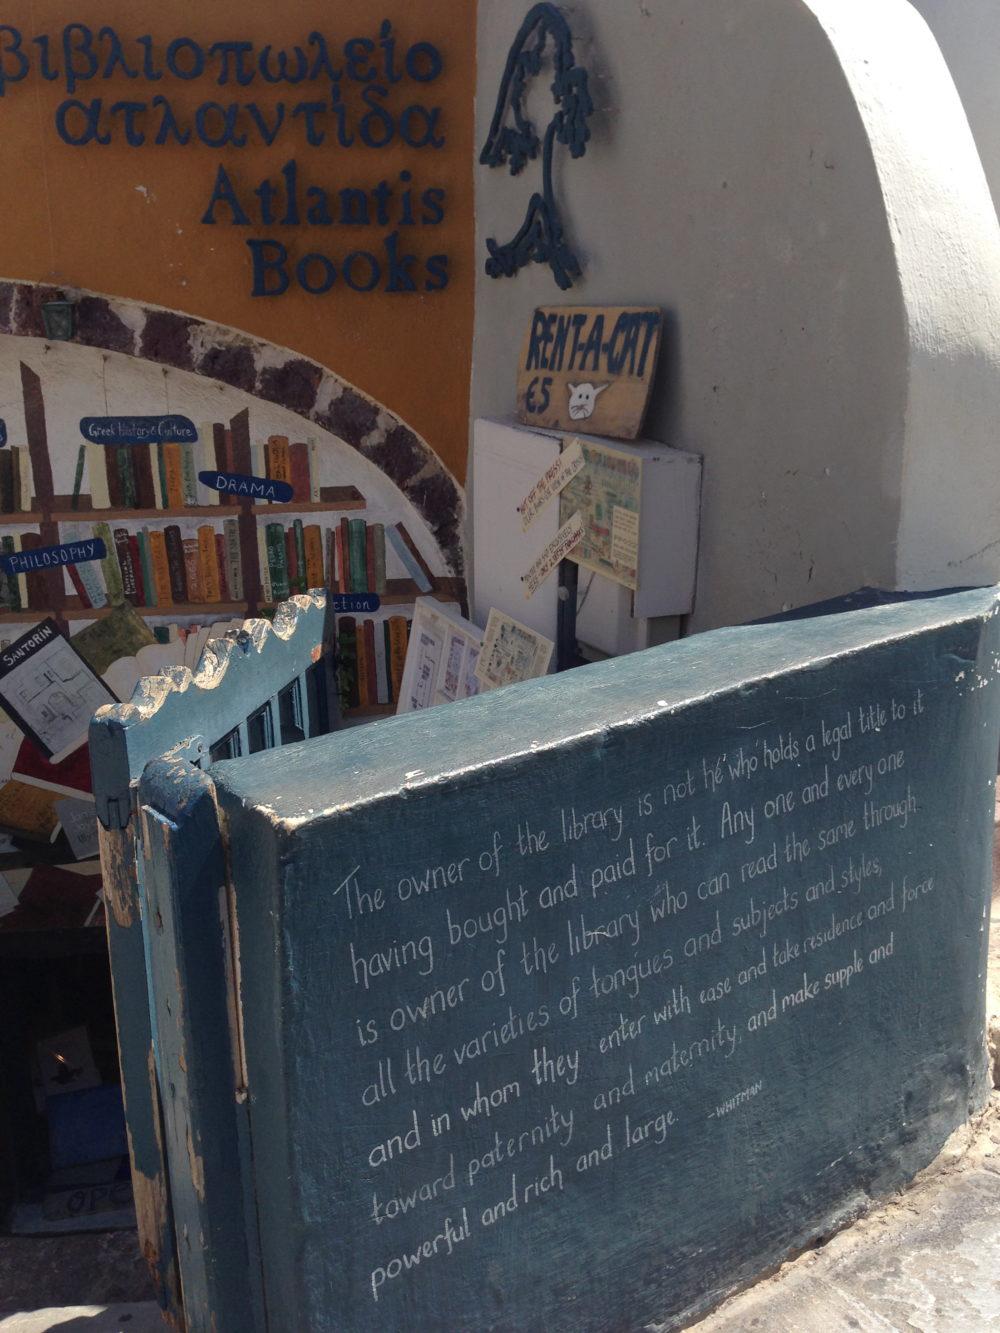 Atlantis Books in Santorini